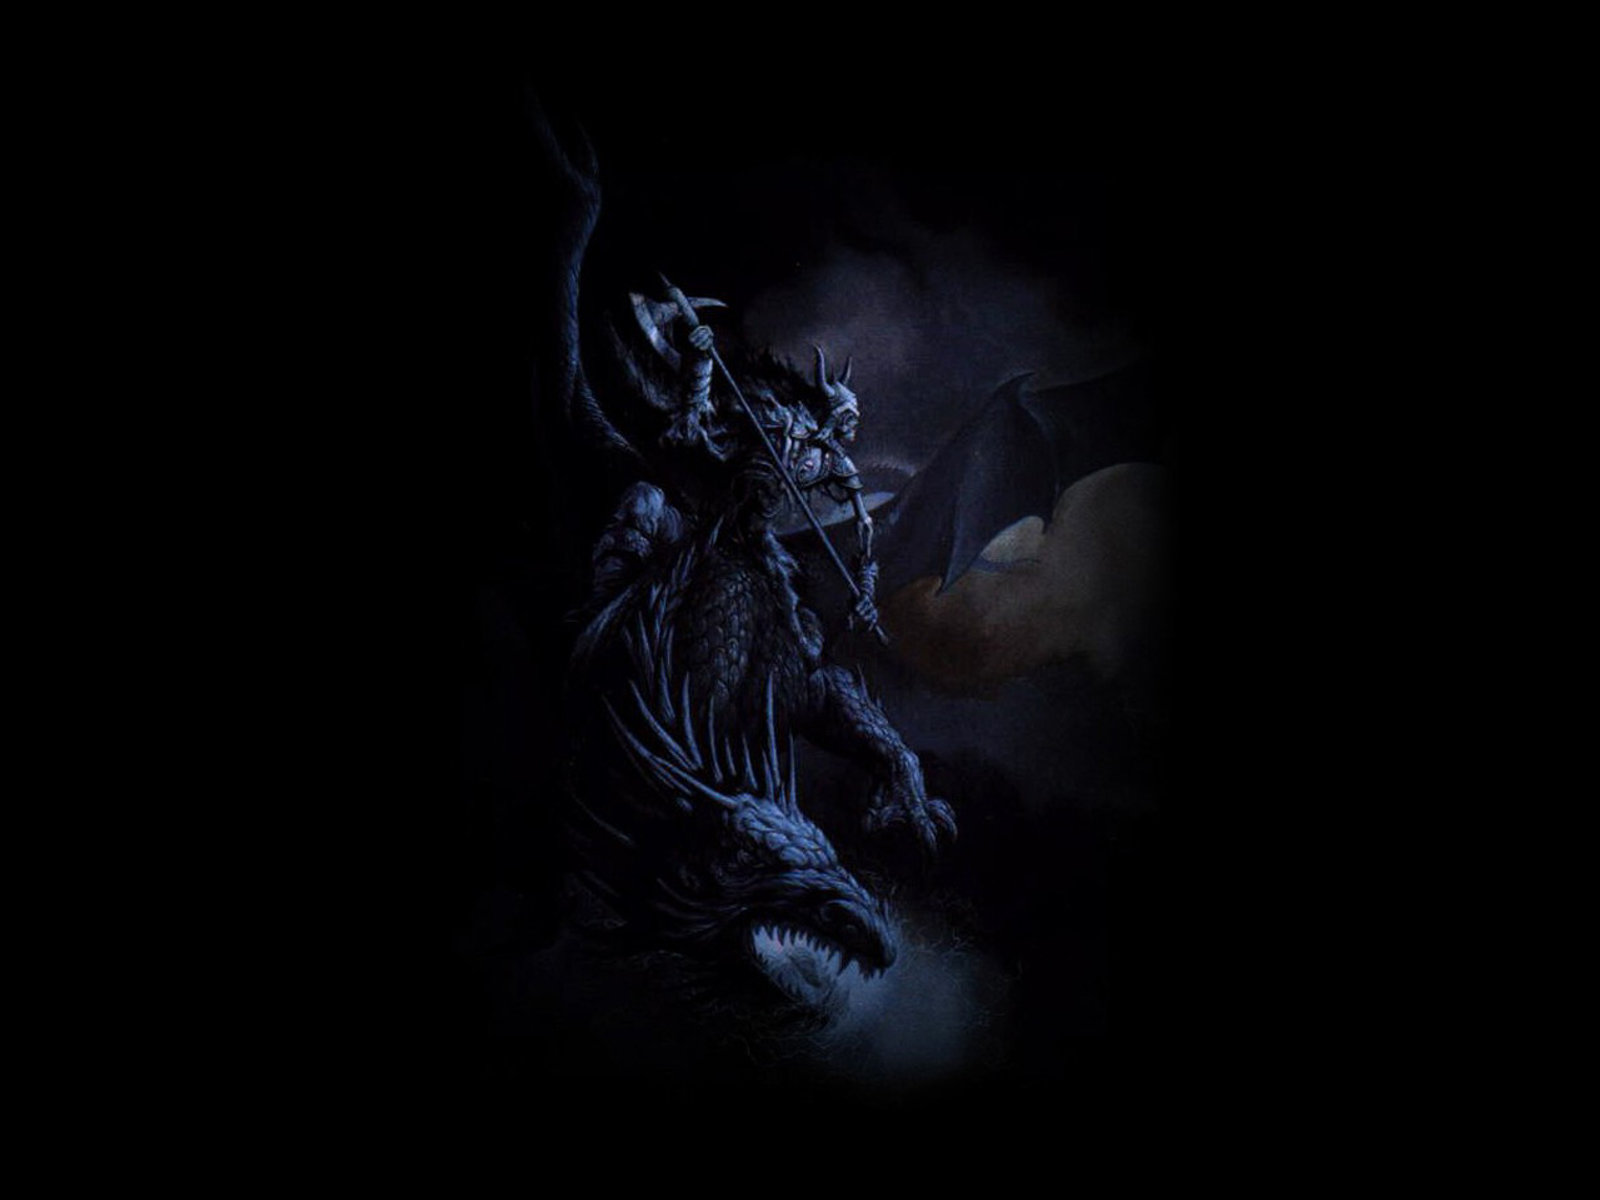 PC Dark Warrior Wallpapers Wim Measor